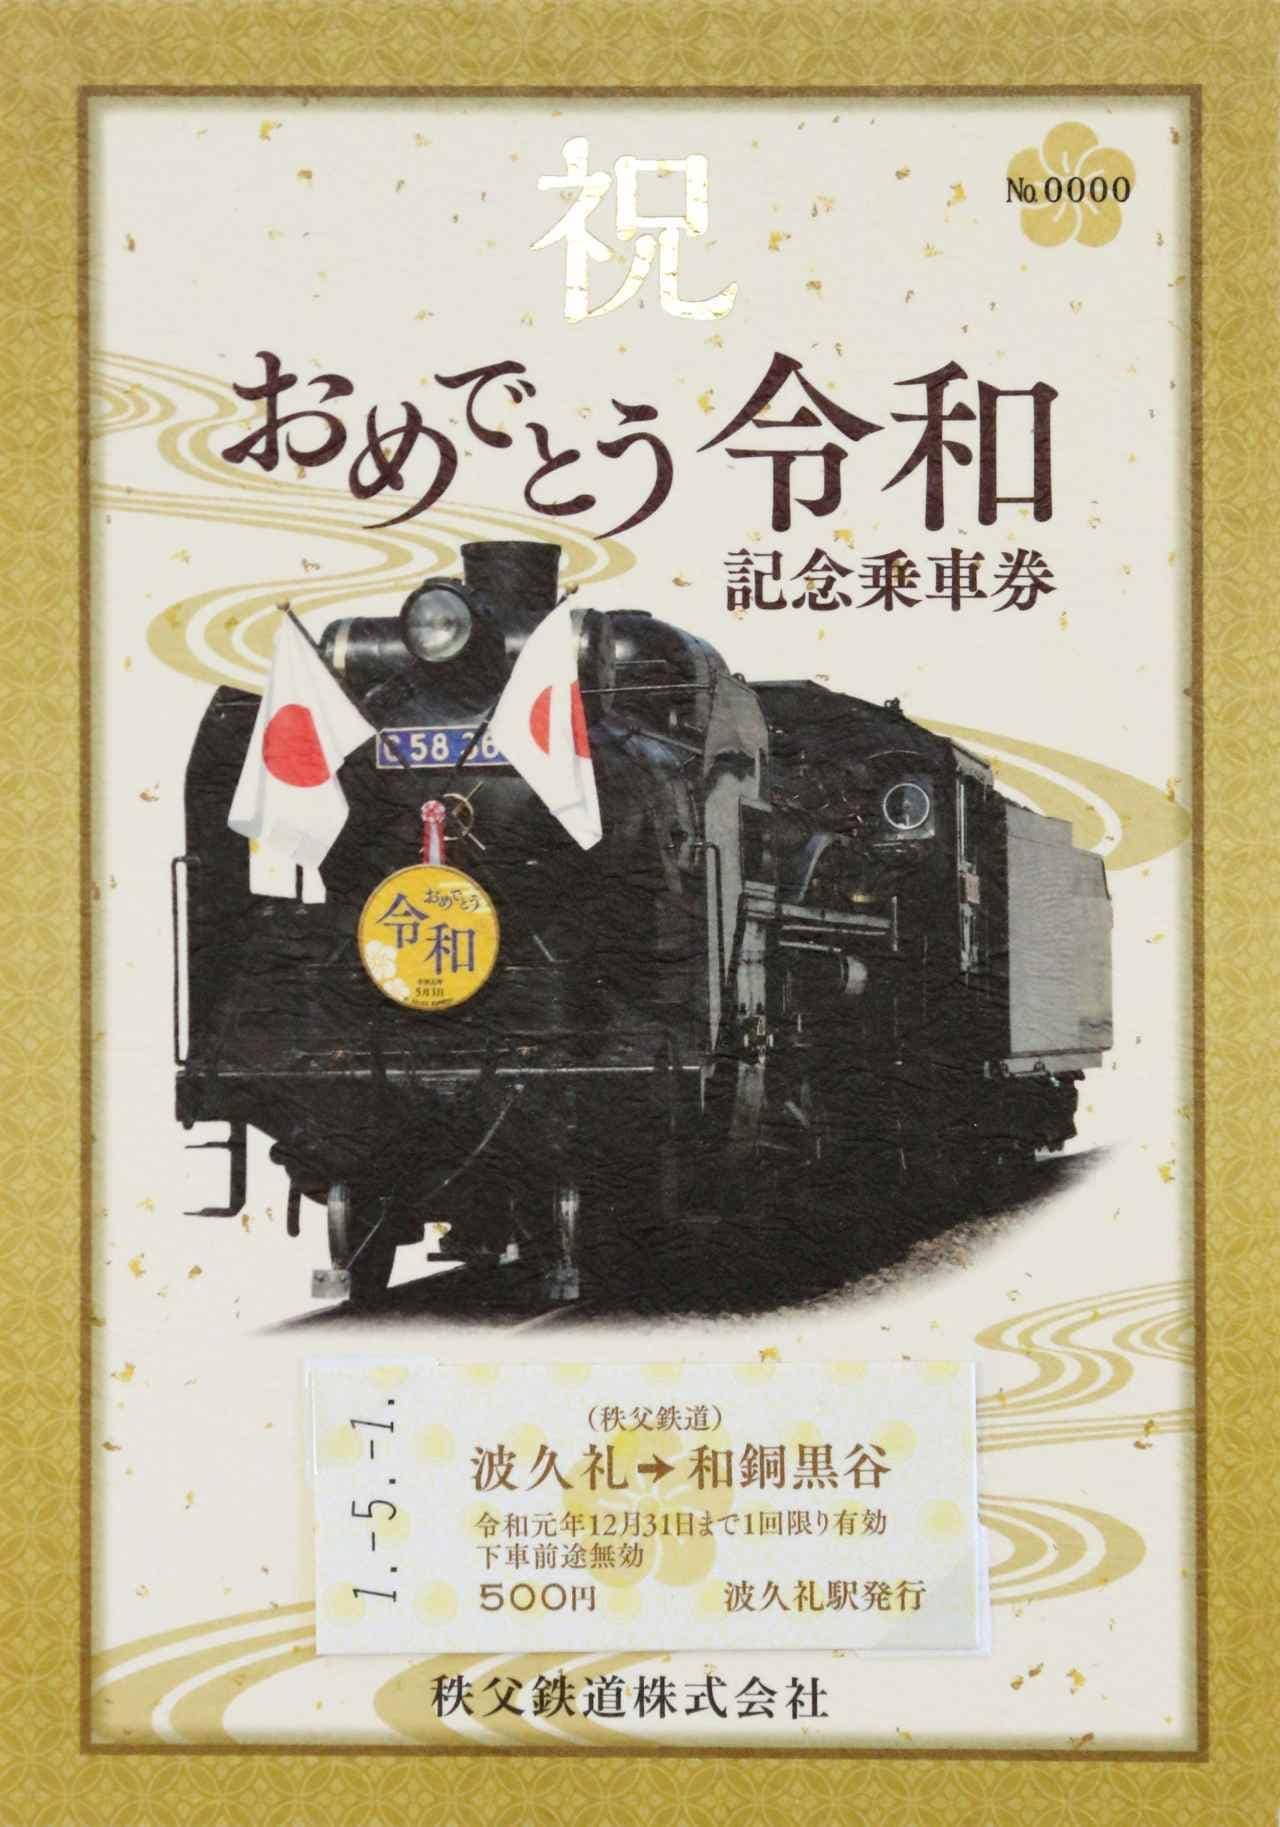 秩父鉄道で改元を記念した入場券・乗車券